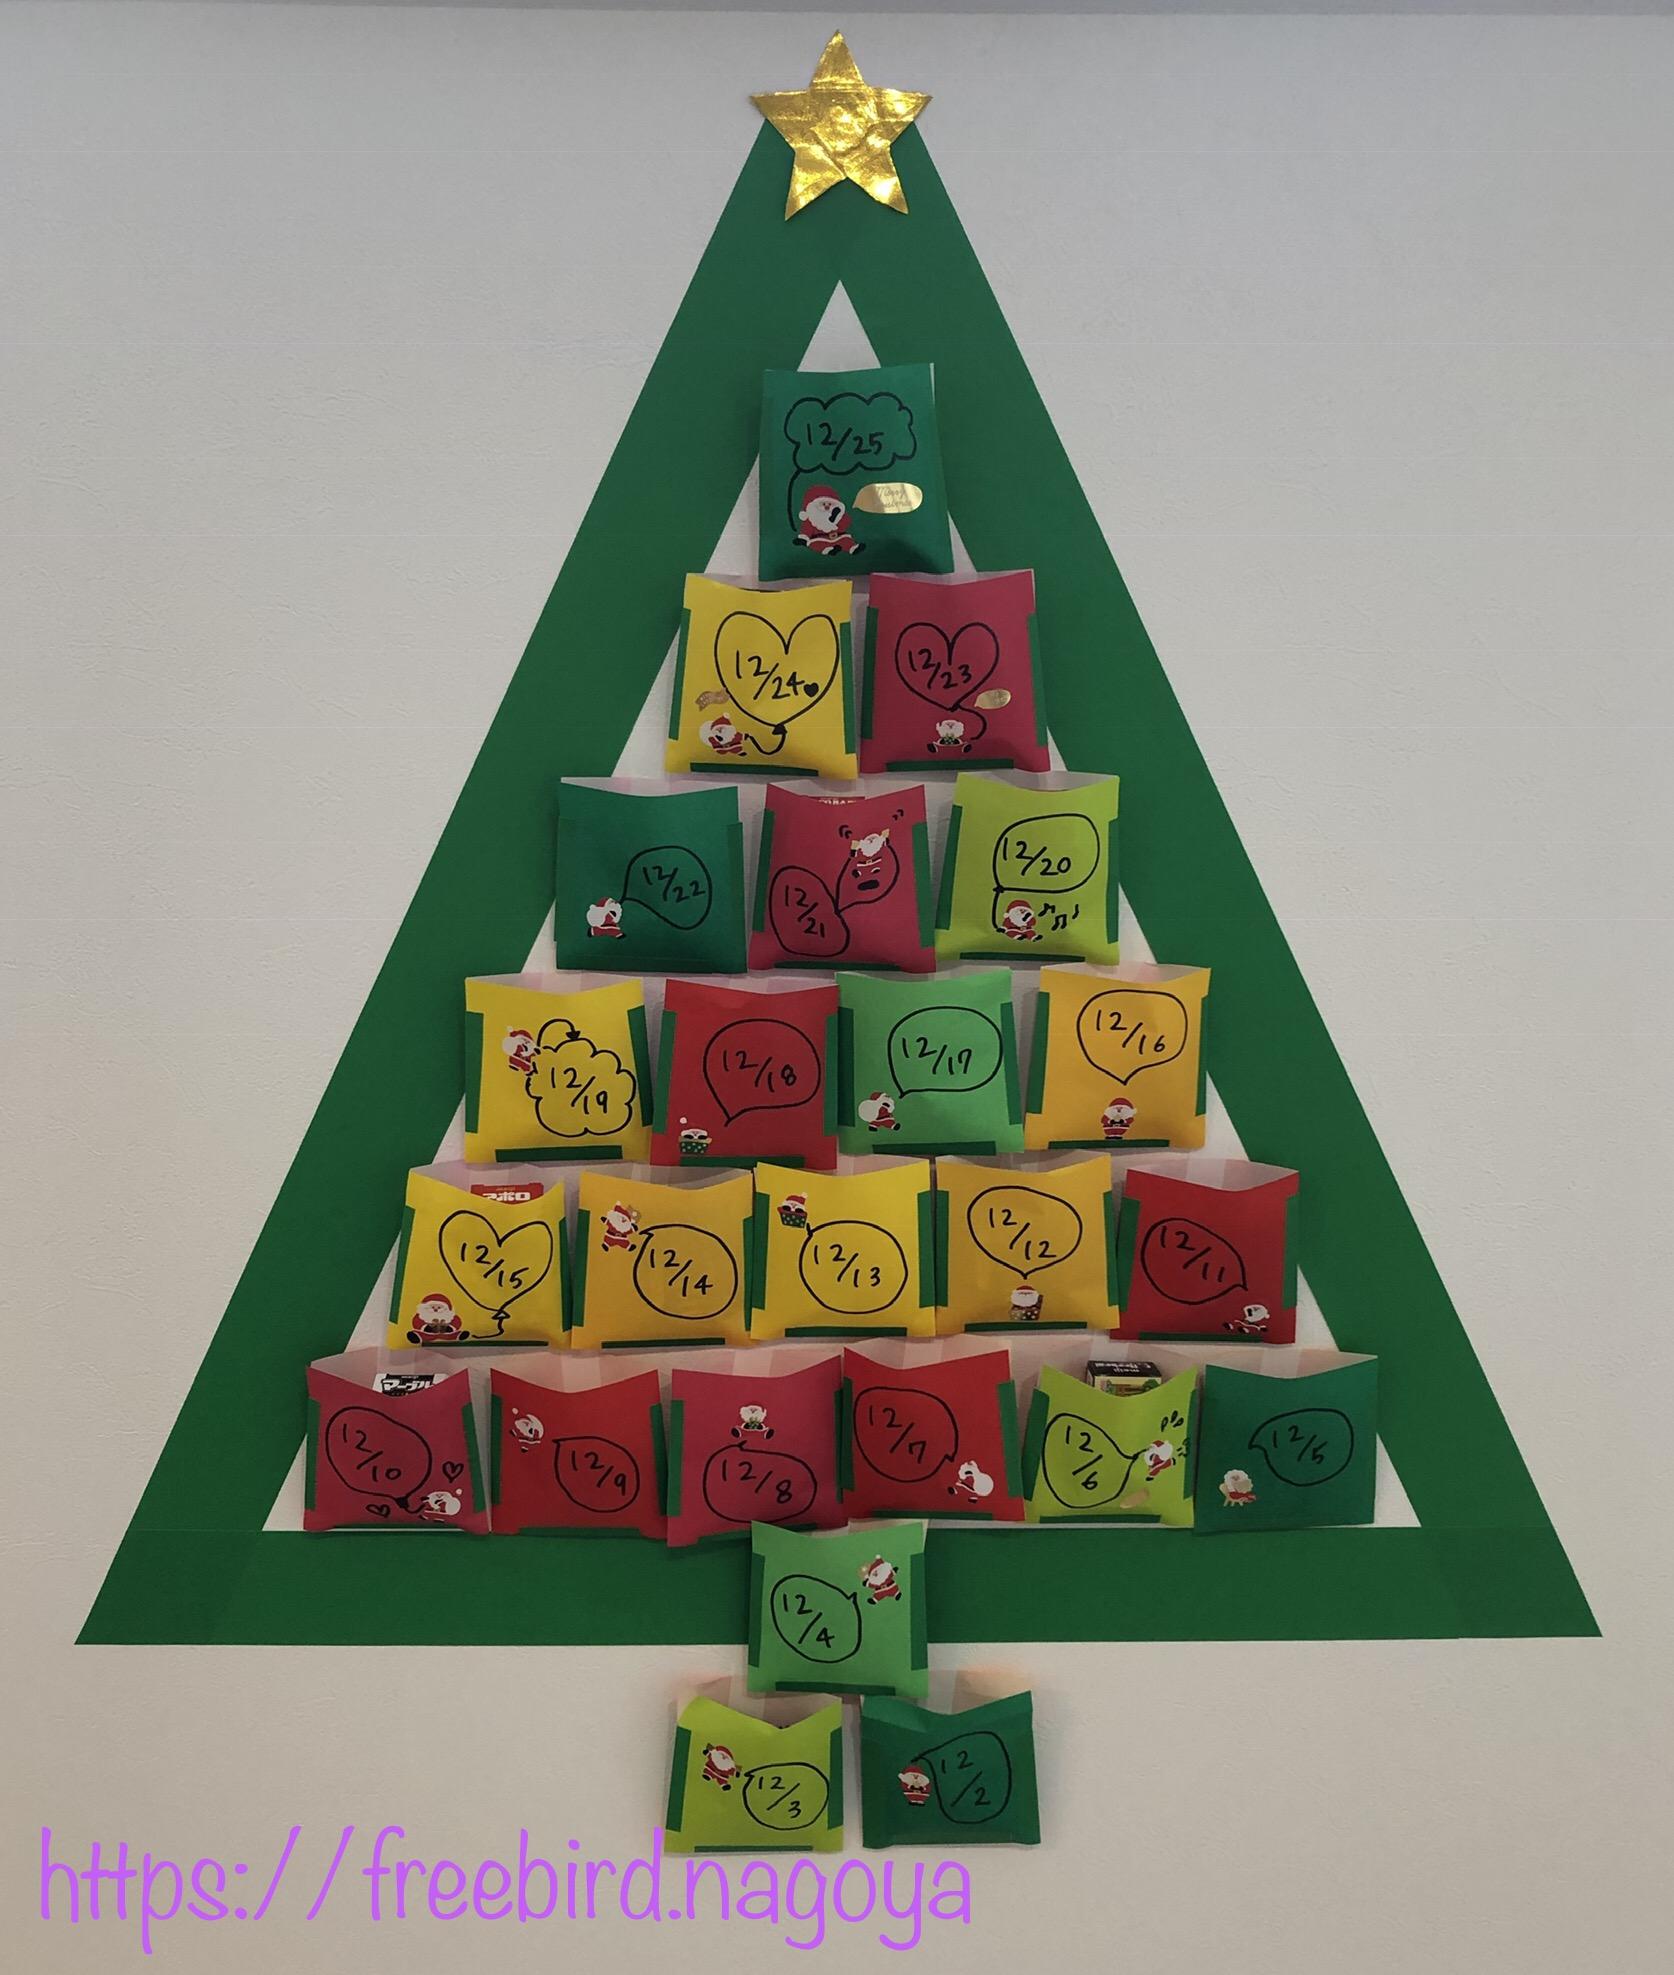 アドベントカレンダーを手作り 折り紙で簡単に?中身は?子供と一緒に作った時の体験談。